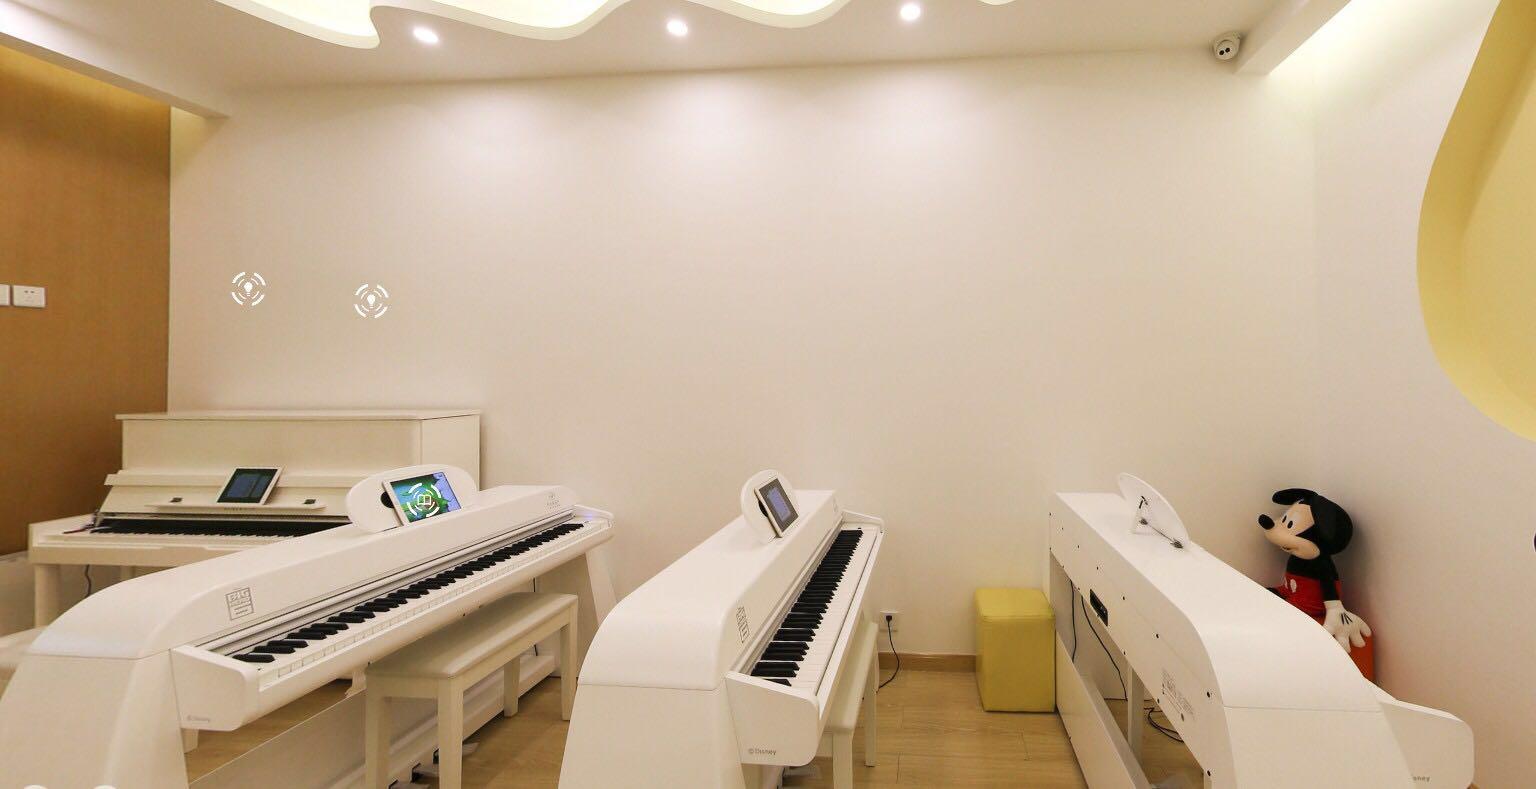 钢琴一对一好?还是一对多好?